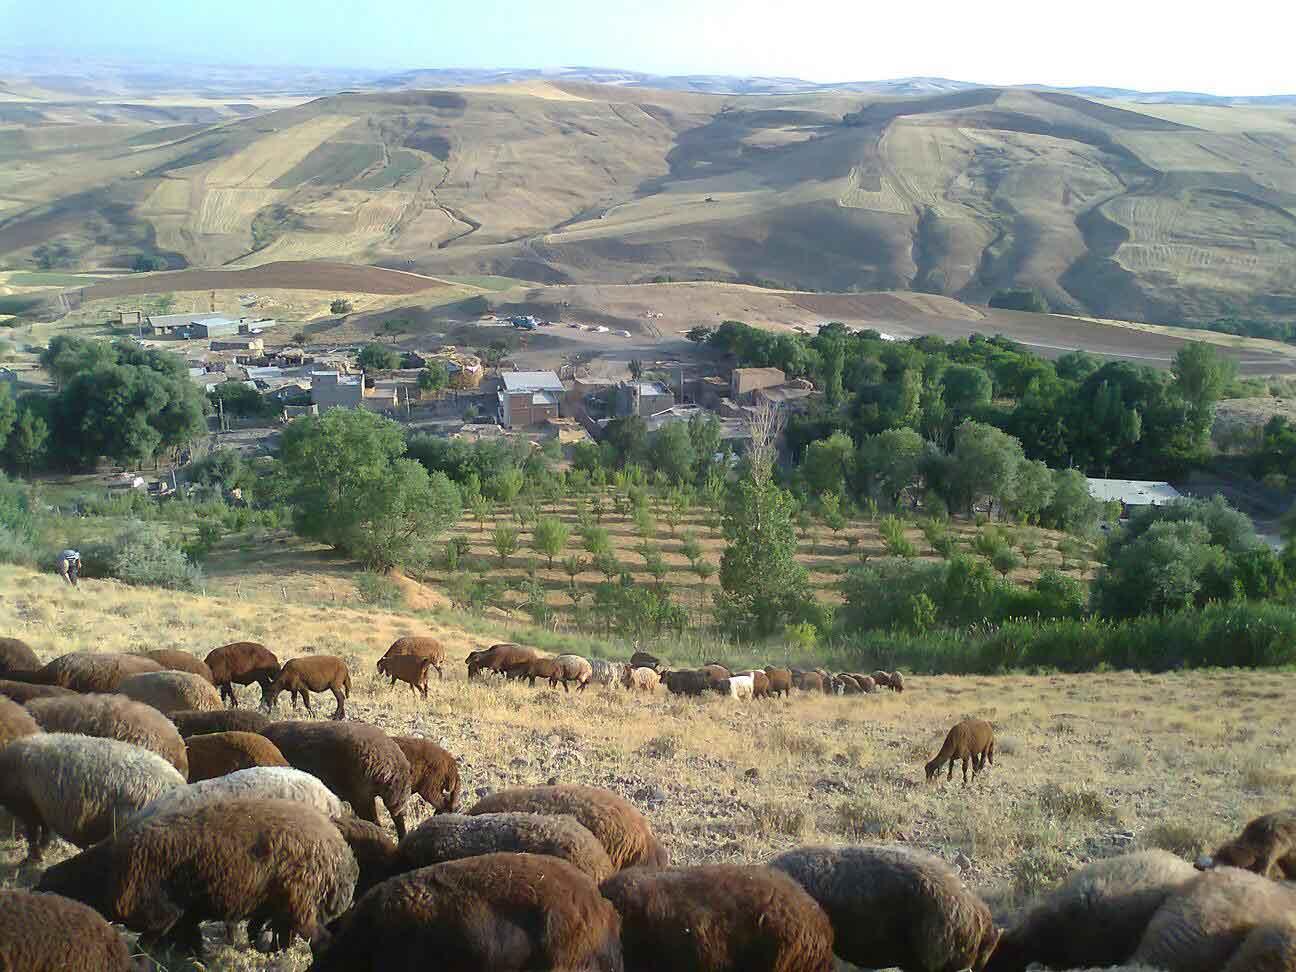 تصاویر روستای زیبای ایده لو